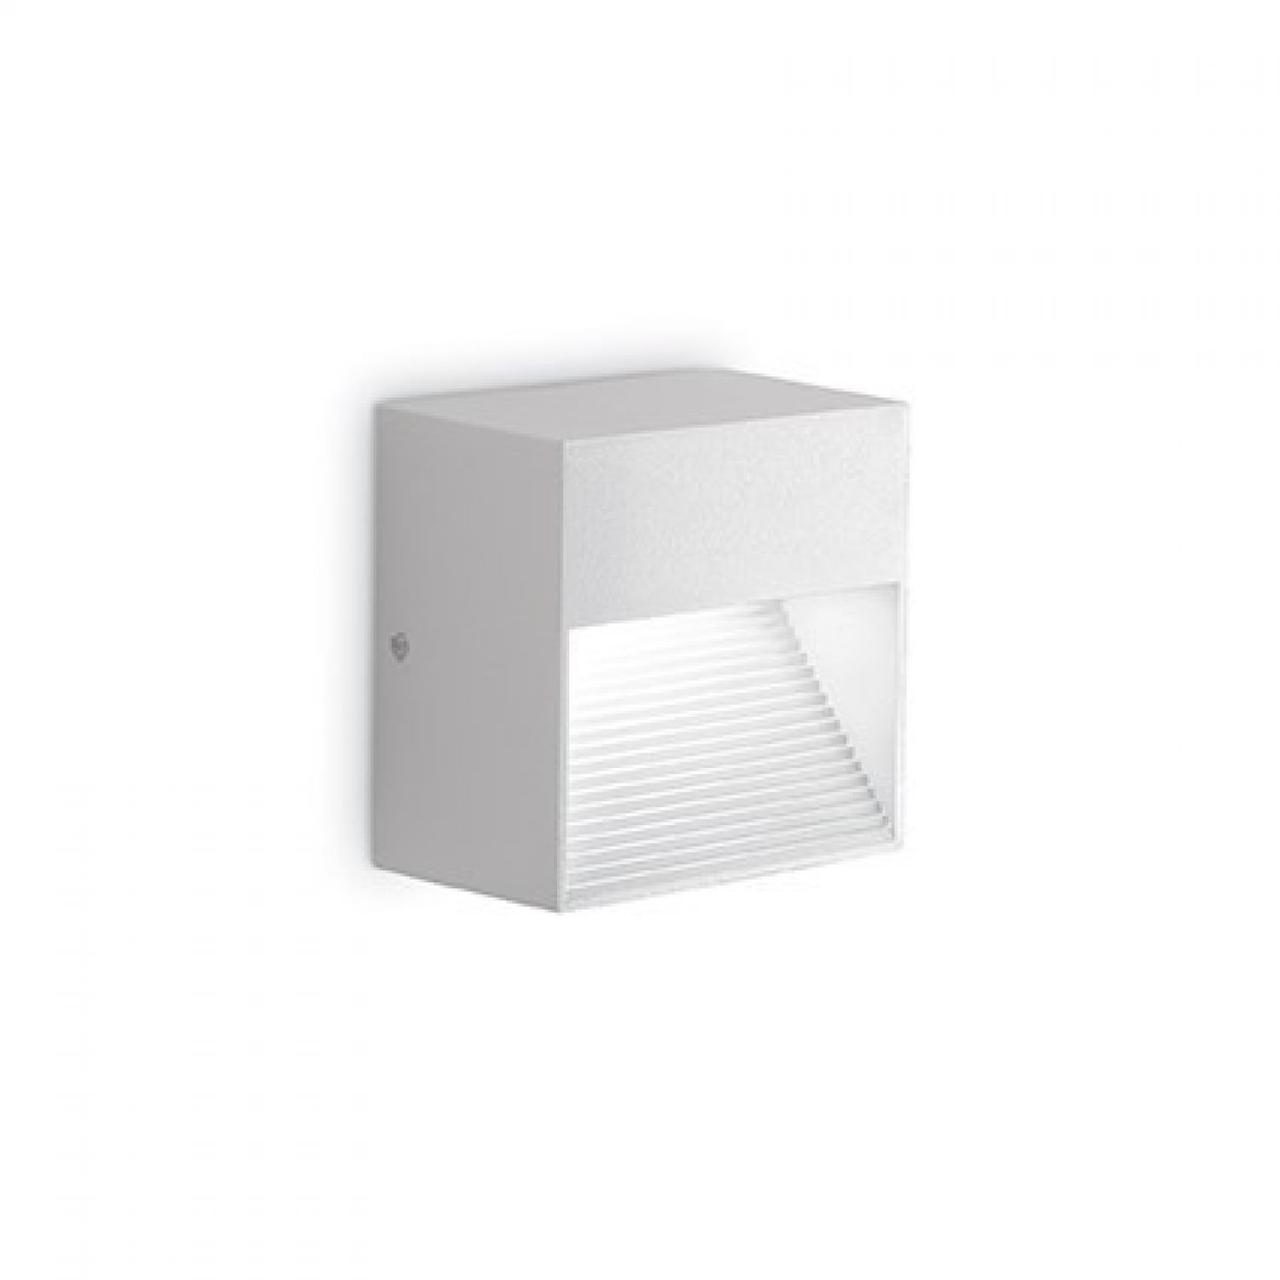 Настенная лампа Down AP1. Ideal Lux